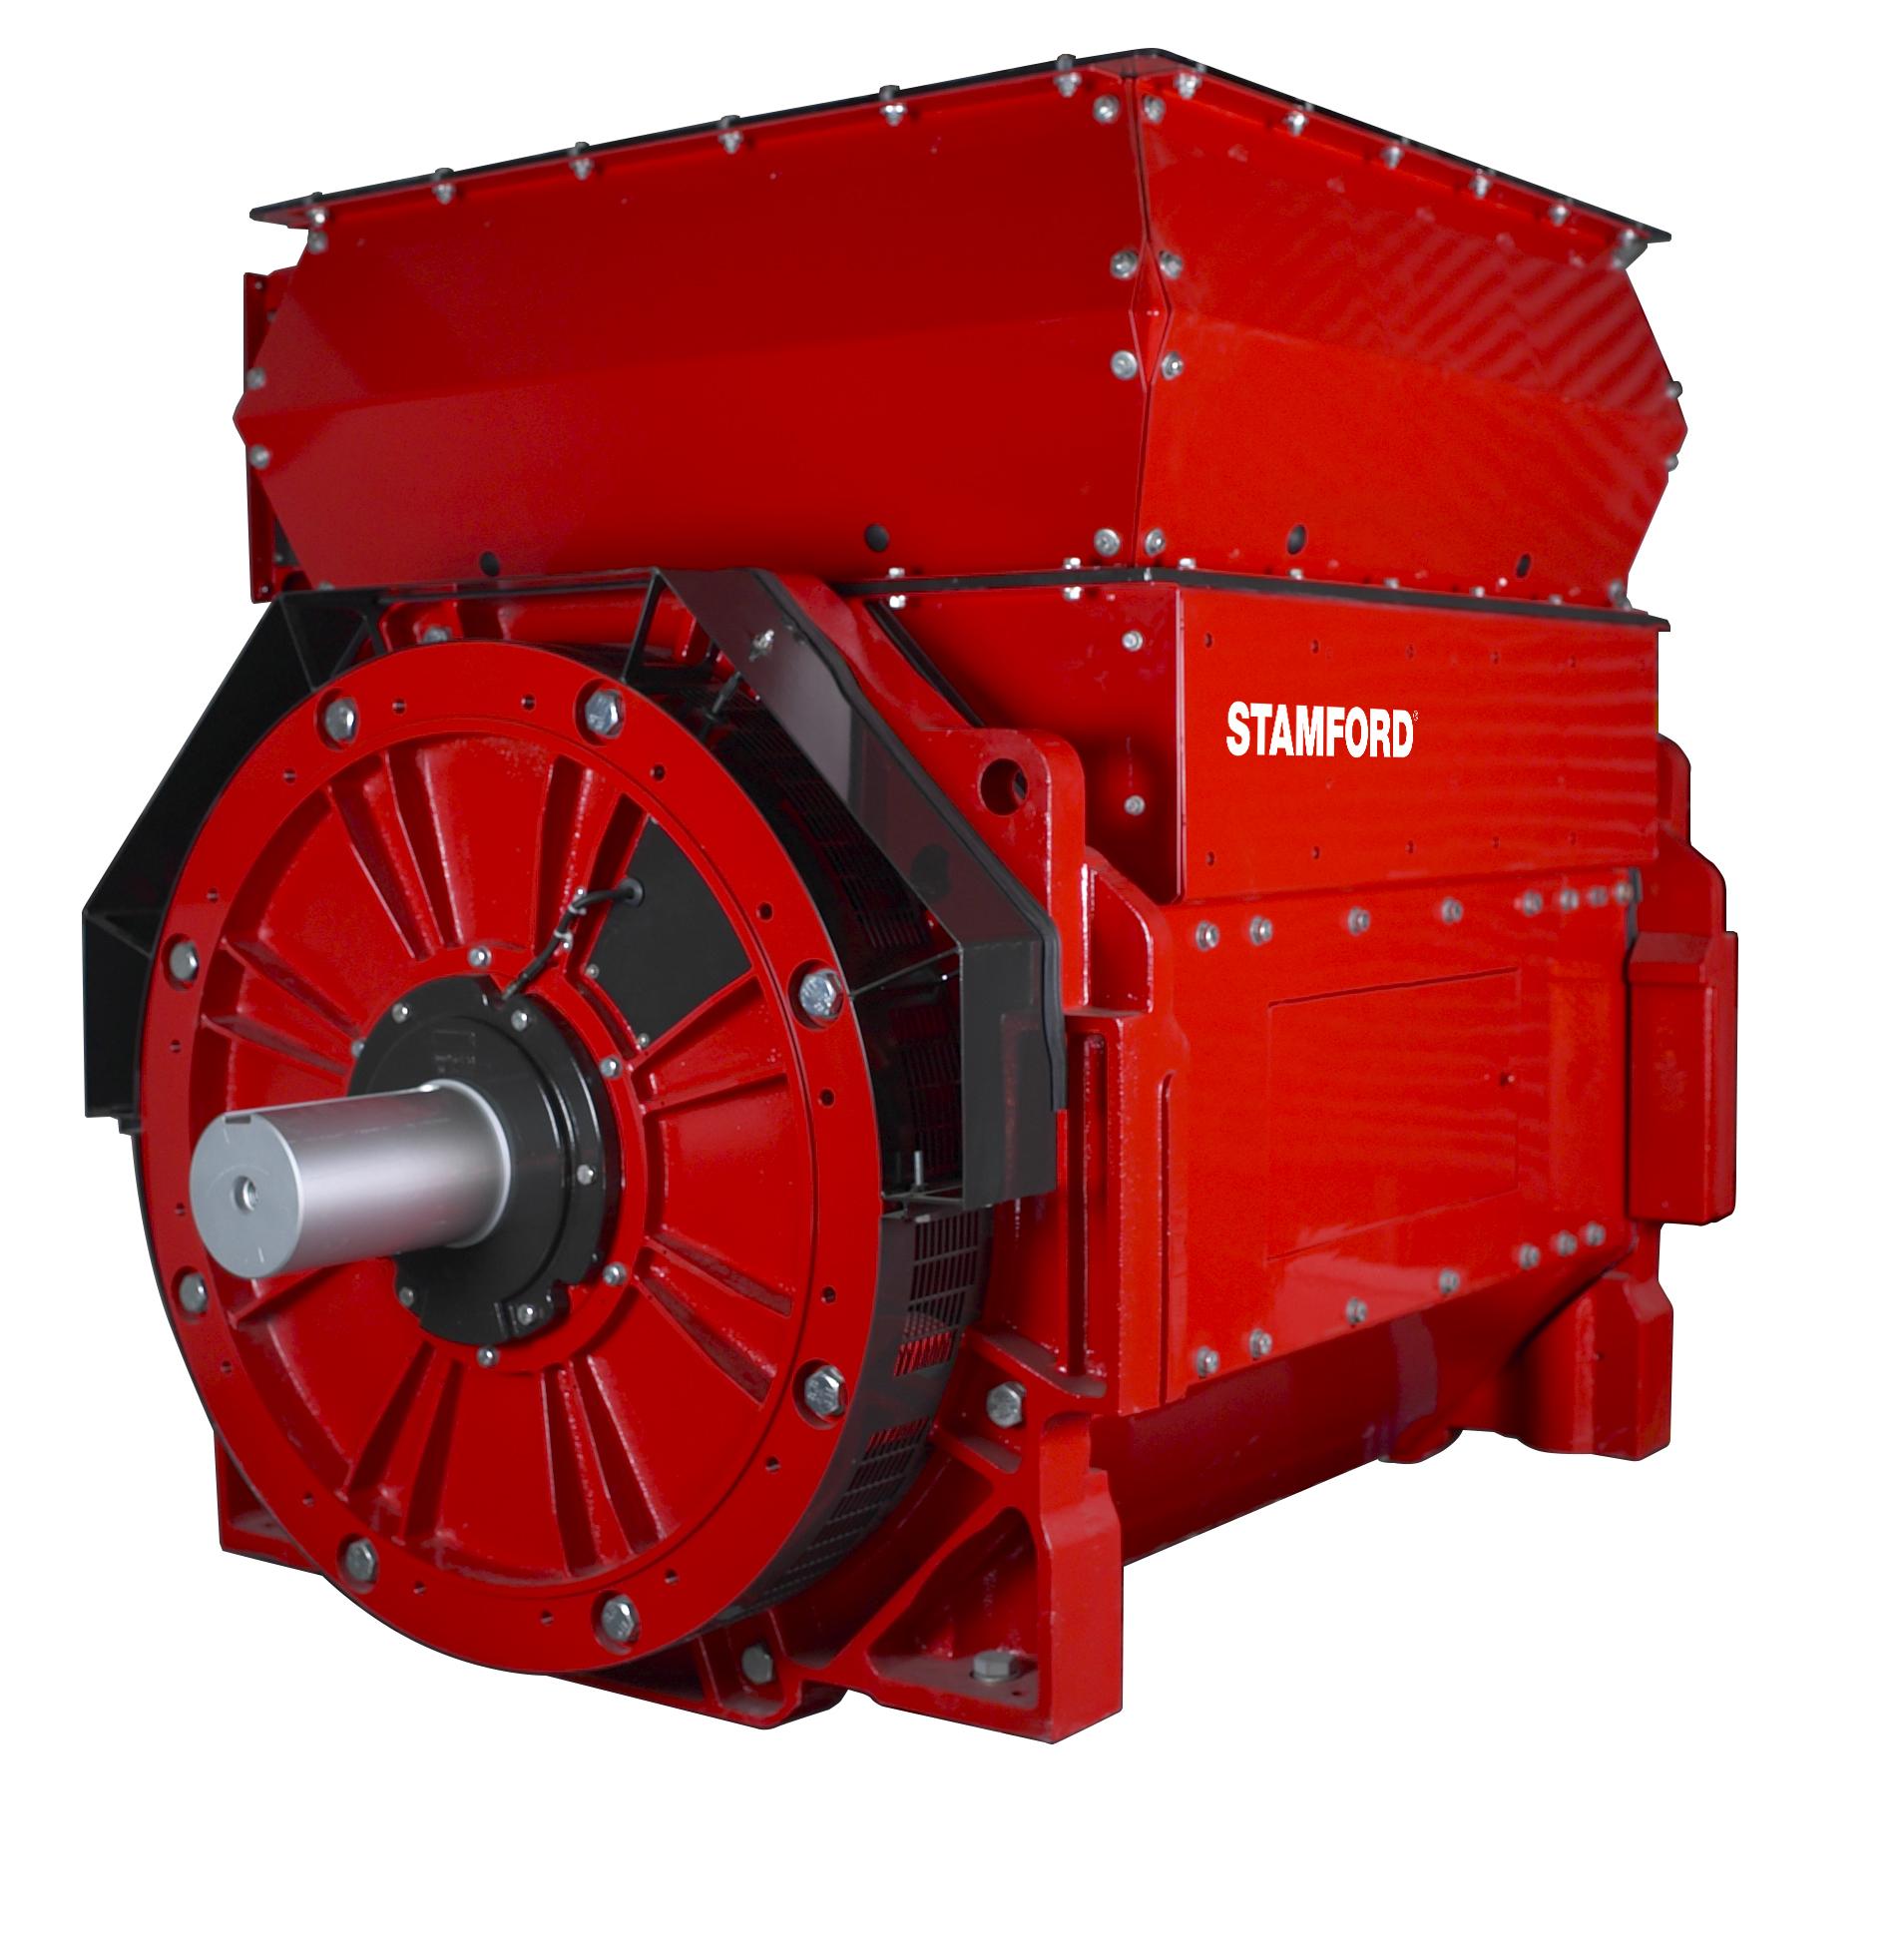 康明斯AvK系列产品功率范围涵盖7.5-10000